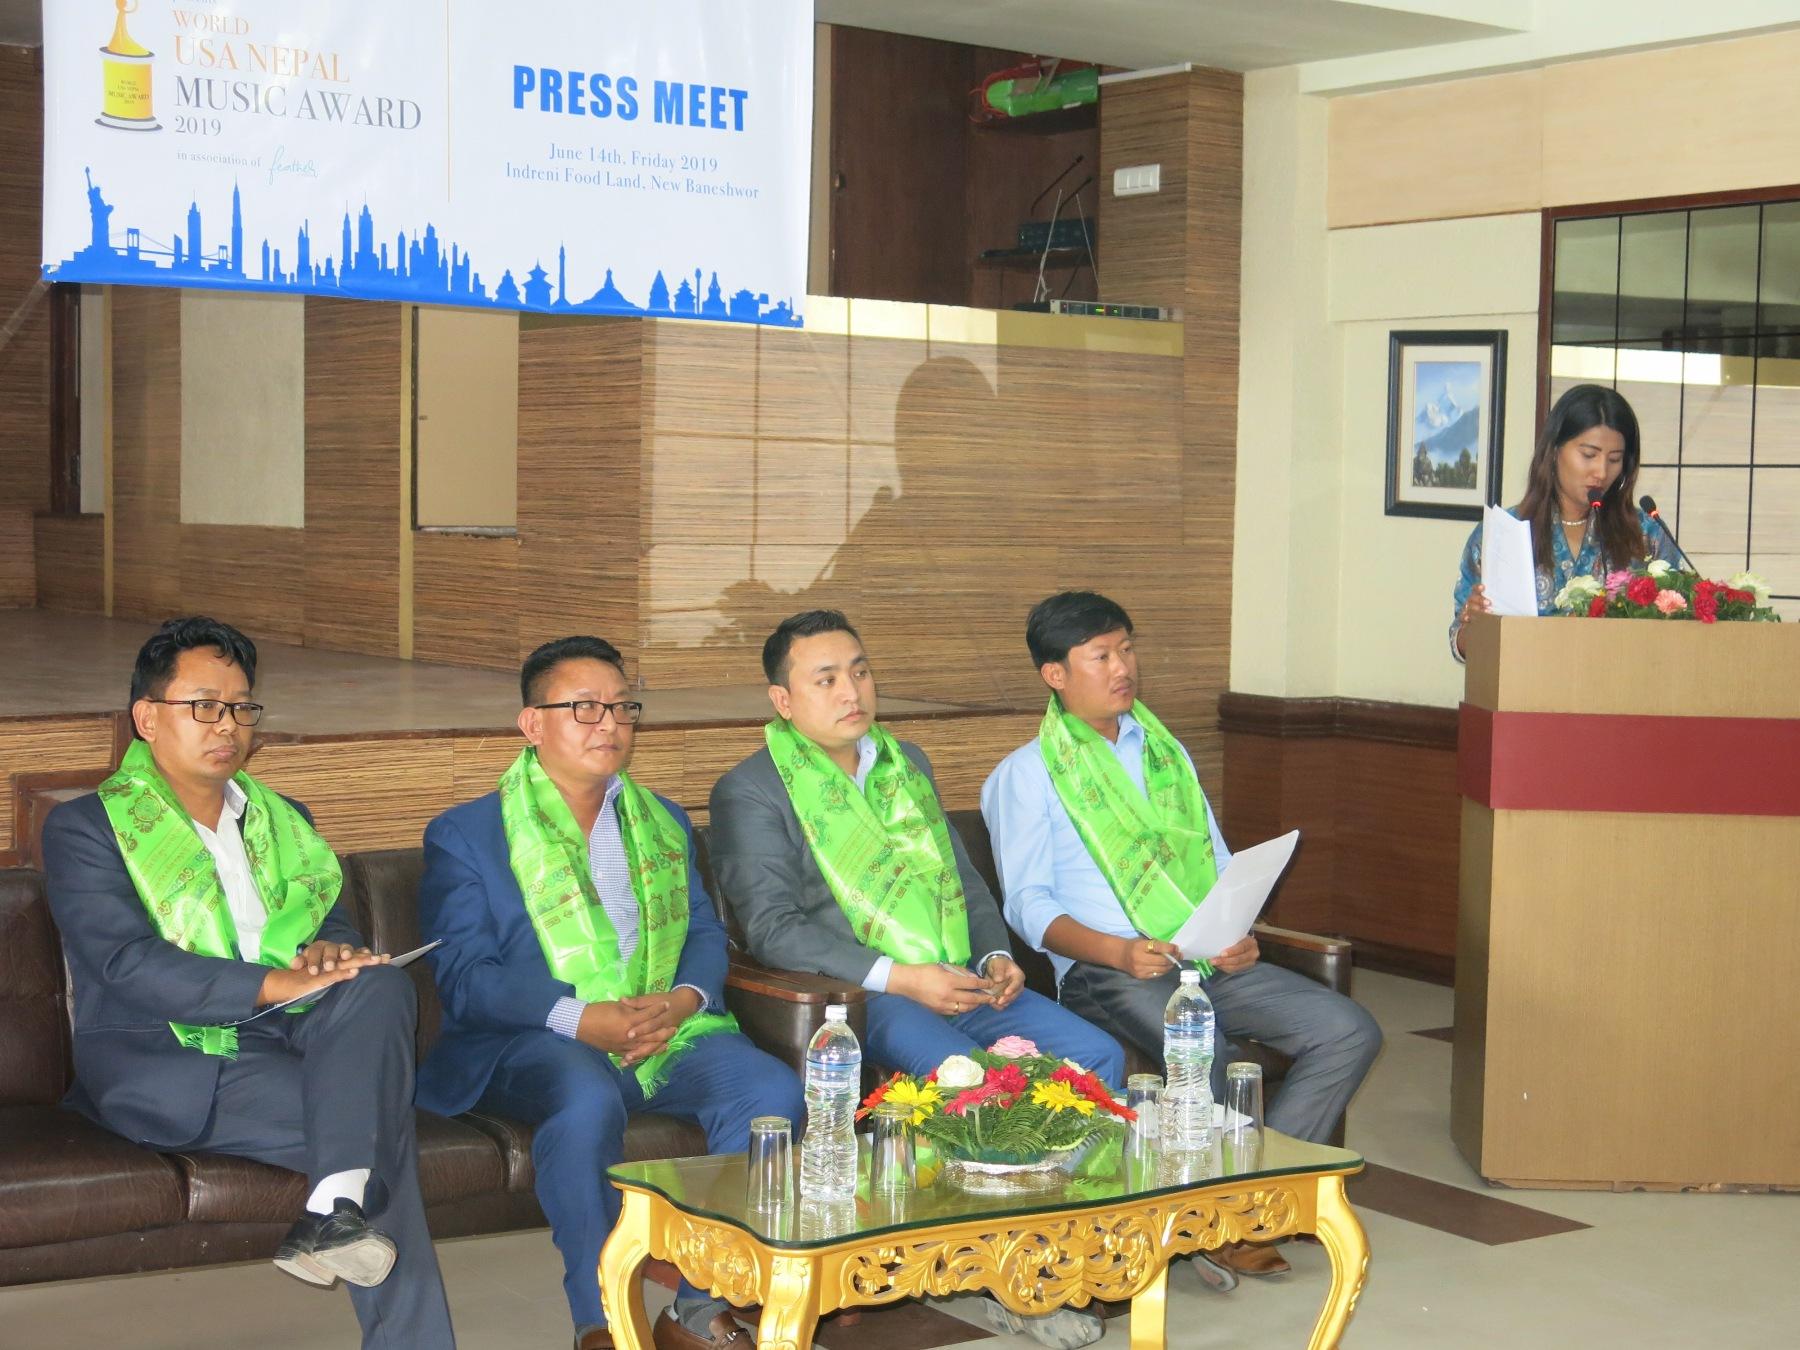 वर्ल्ड युएसए-नेपाल म्युजिक अवार्ड २०१९ अमेरिकामा नोभेम्बर २३ मा आयोजना हुने